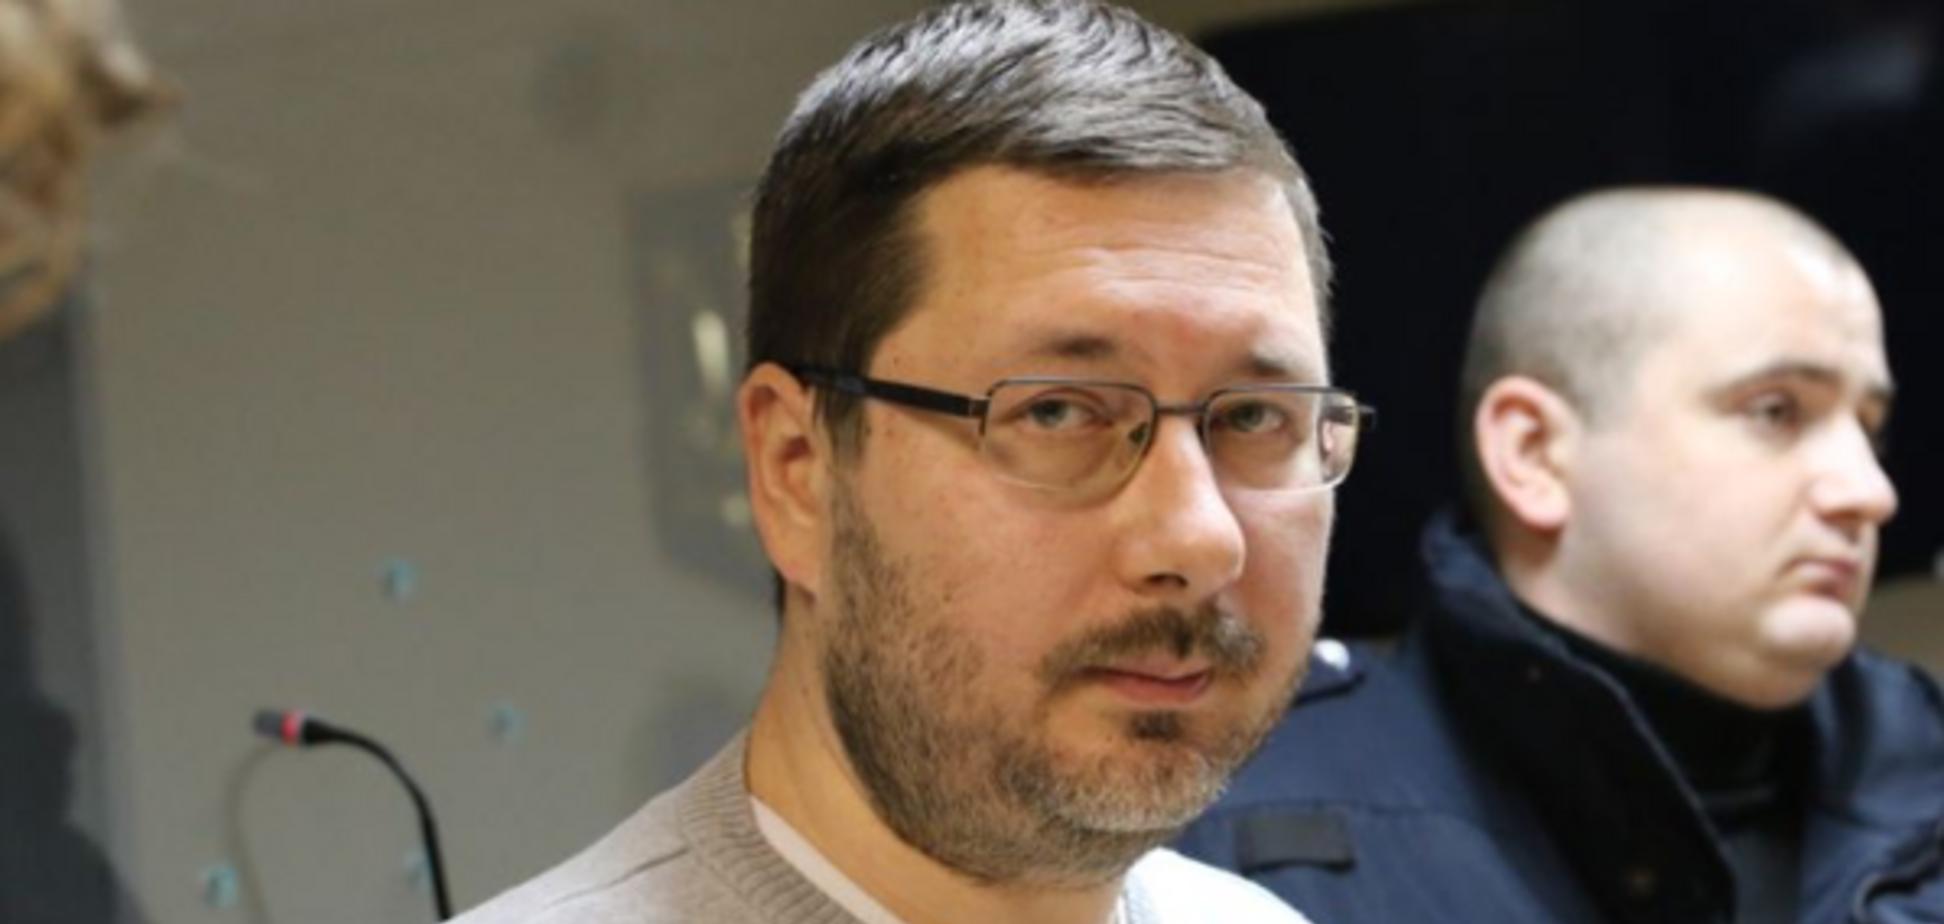 Признался в госизмене: суд отпустил переводчика-шпиона Гройсмана